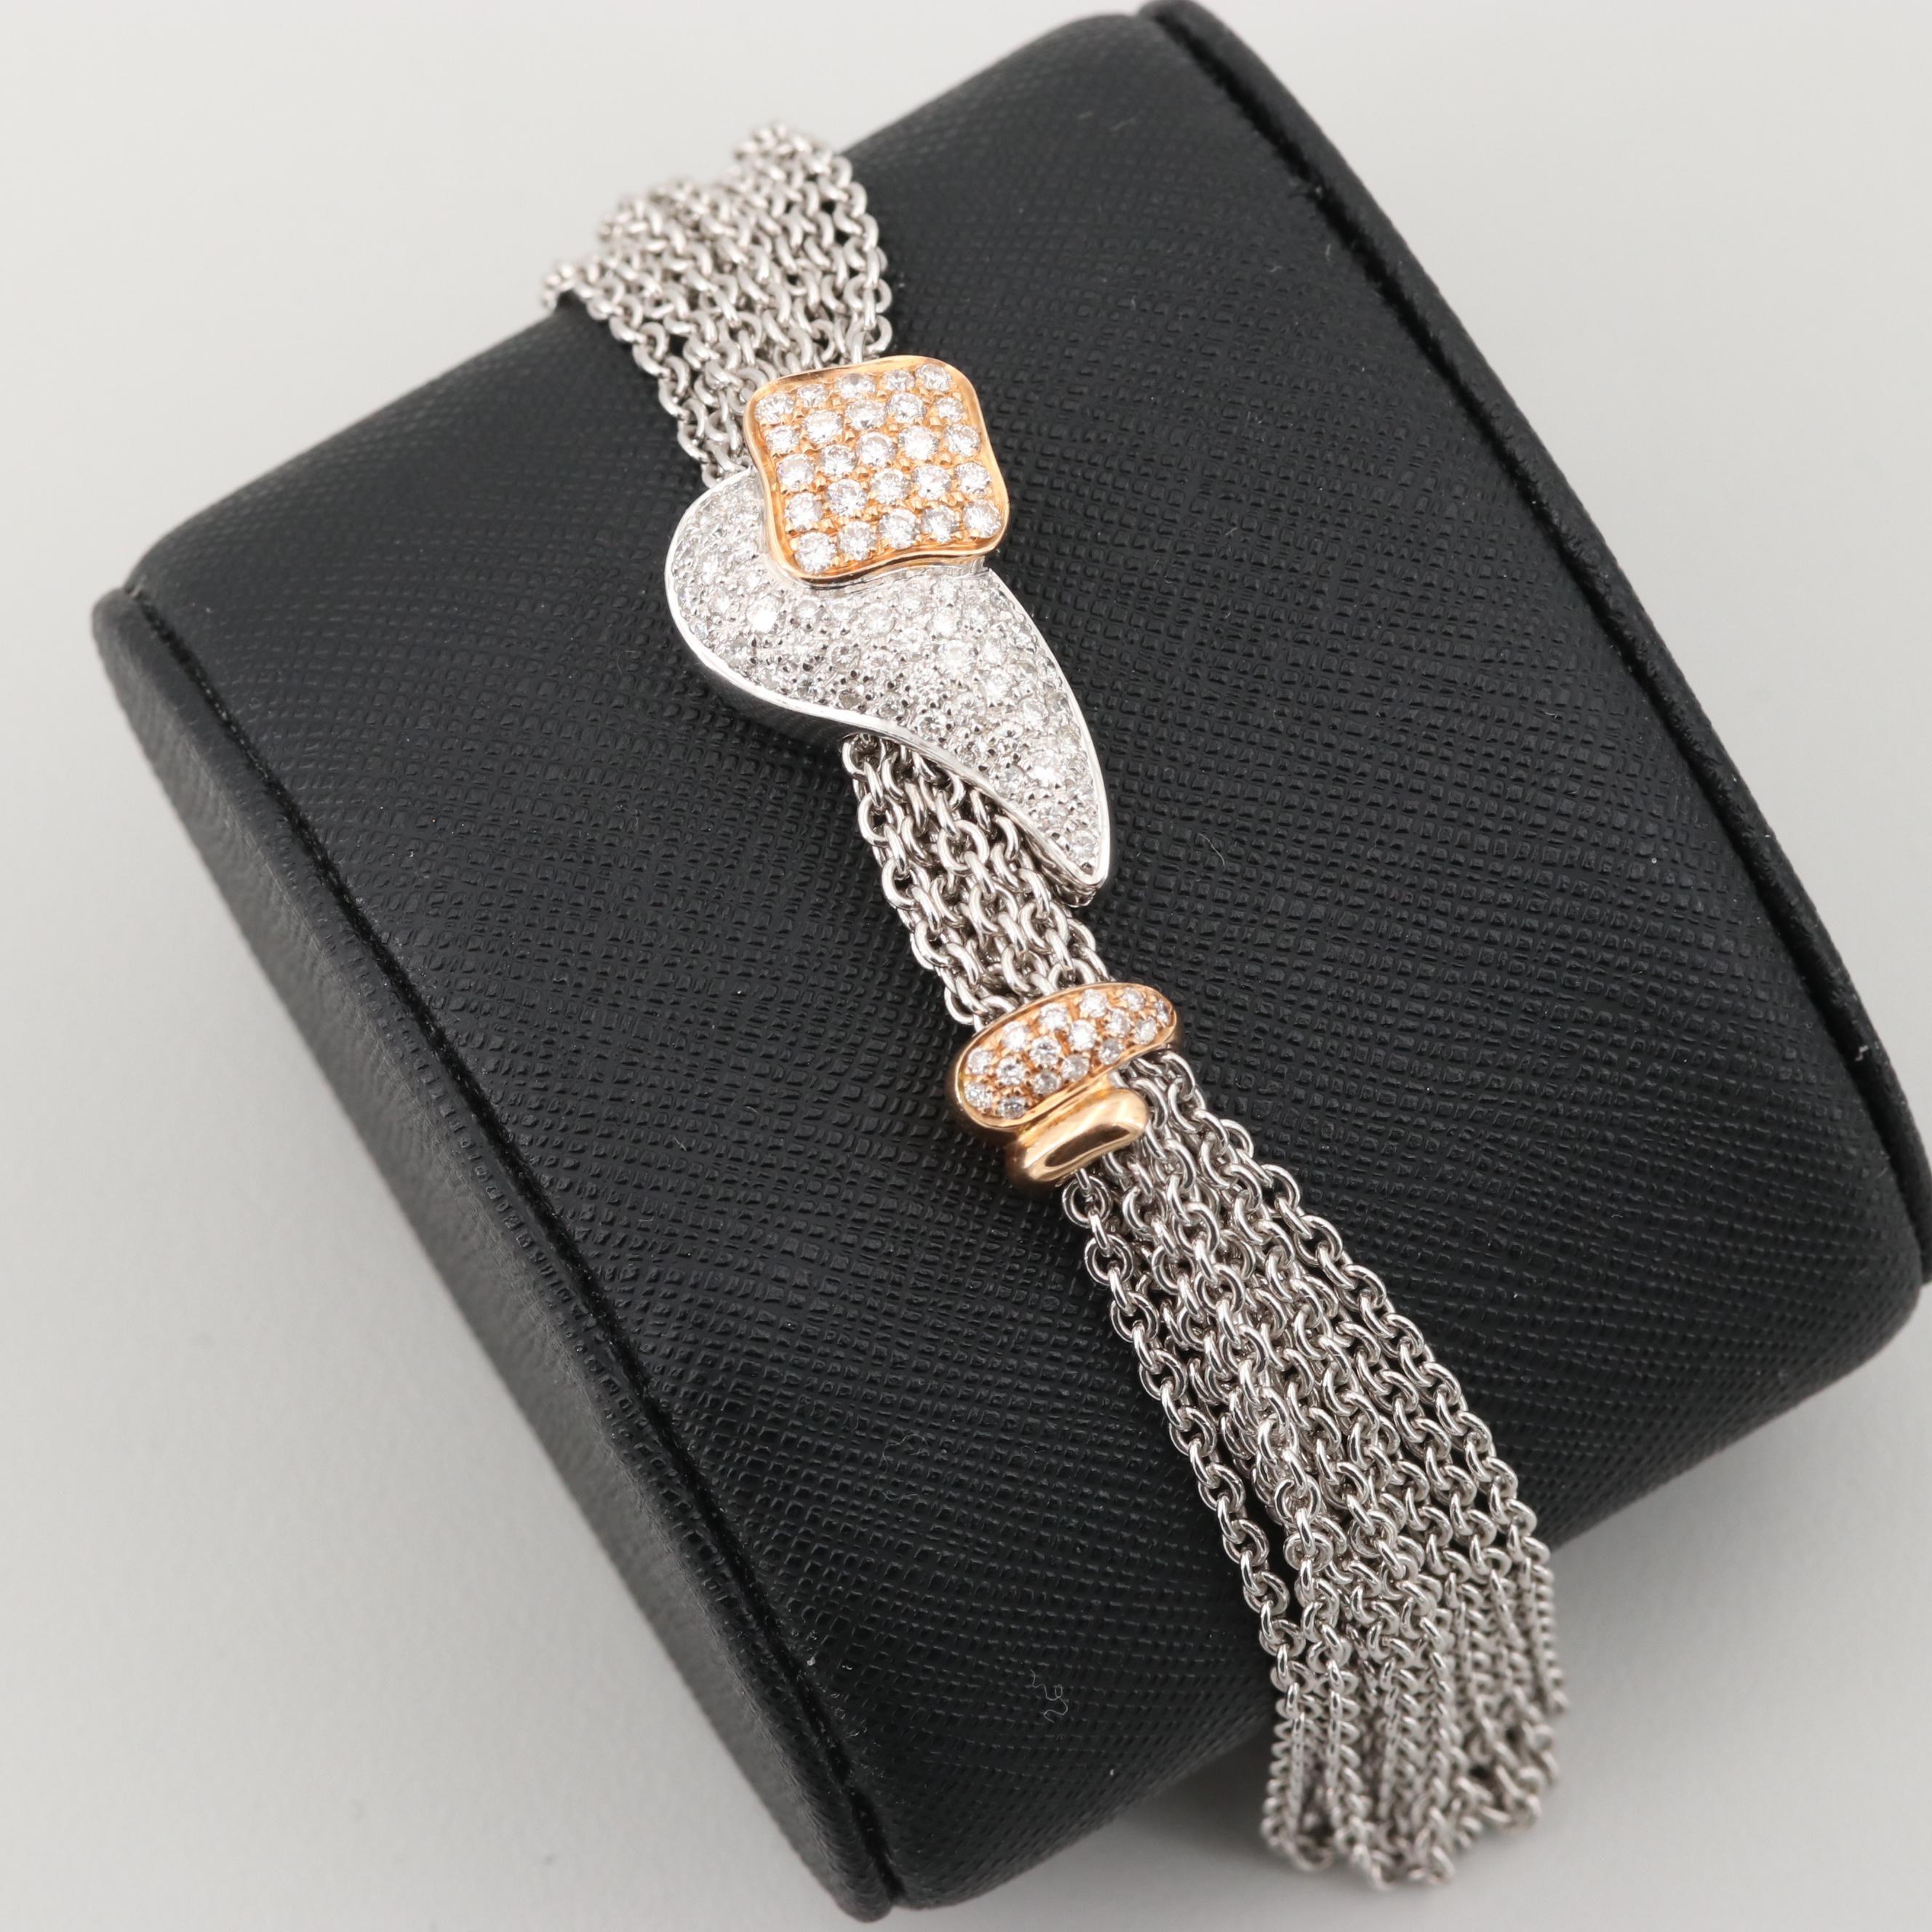 La Nouvelle Bague 18K White Gold 1.70 CTW Diamond Bracelet with Rose Gold Accent